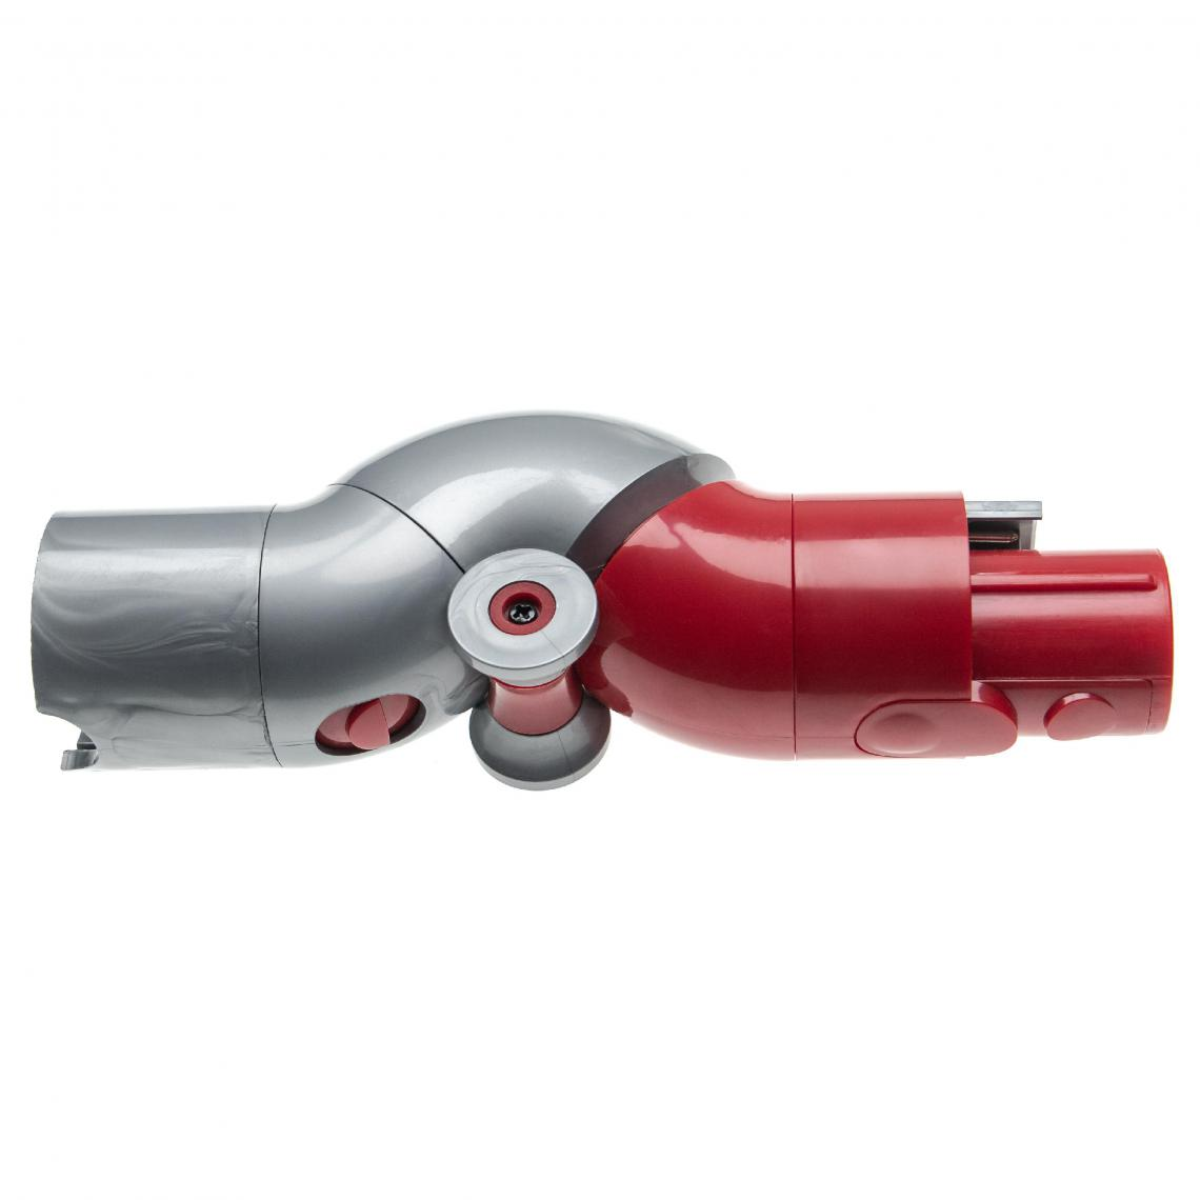 Vhbw vhbw Adaptateur compatible avec Dyson V8 Absolute, Absolute (ancien modèle), Absolute + (ancien modèle) aspirateur - gri